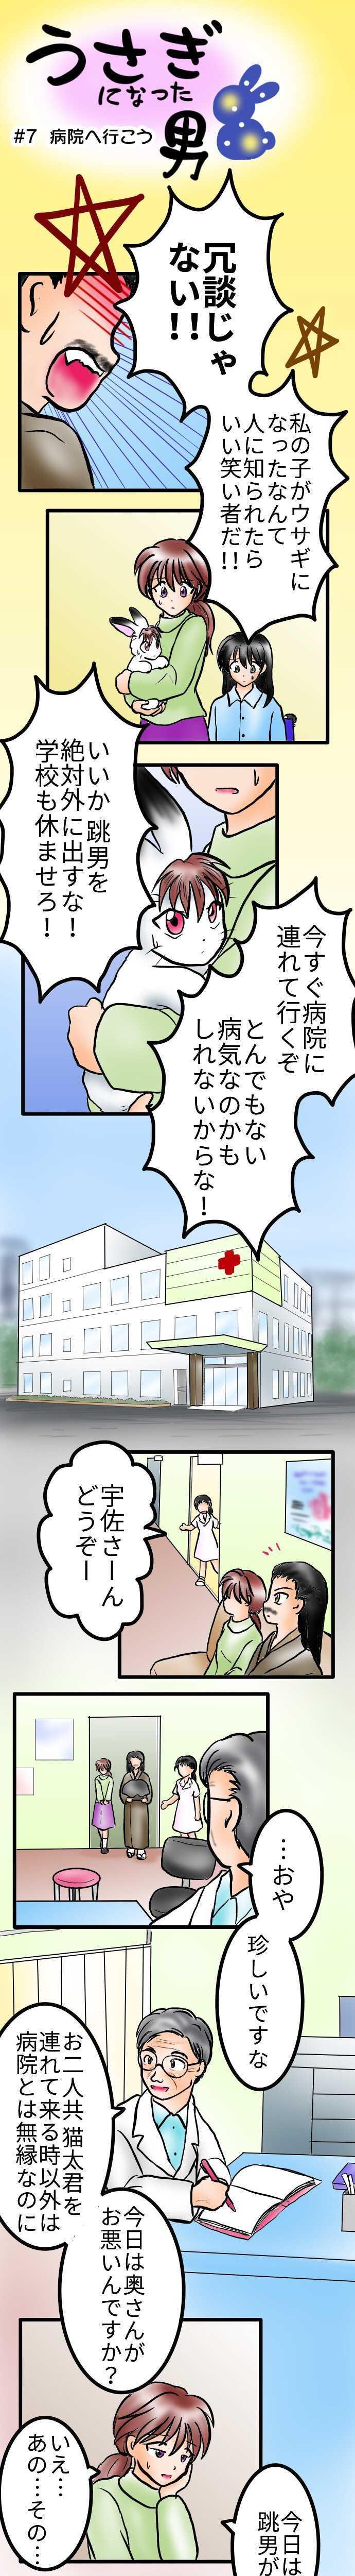 #7  病院へ行こう